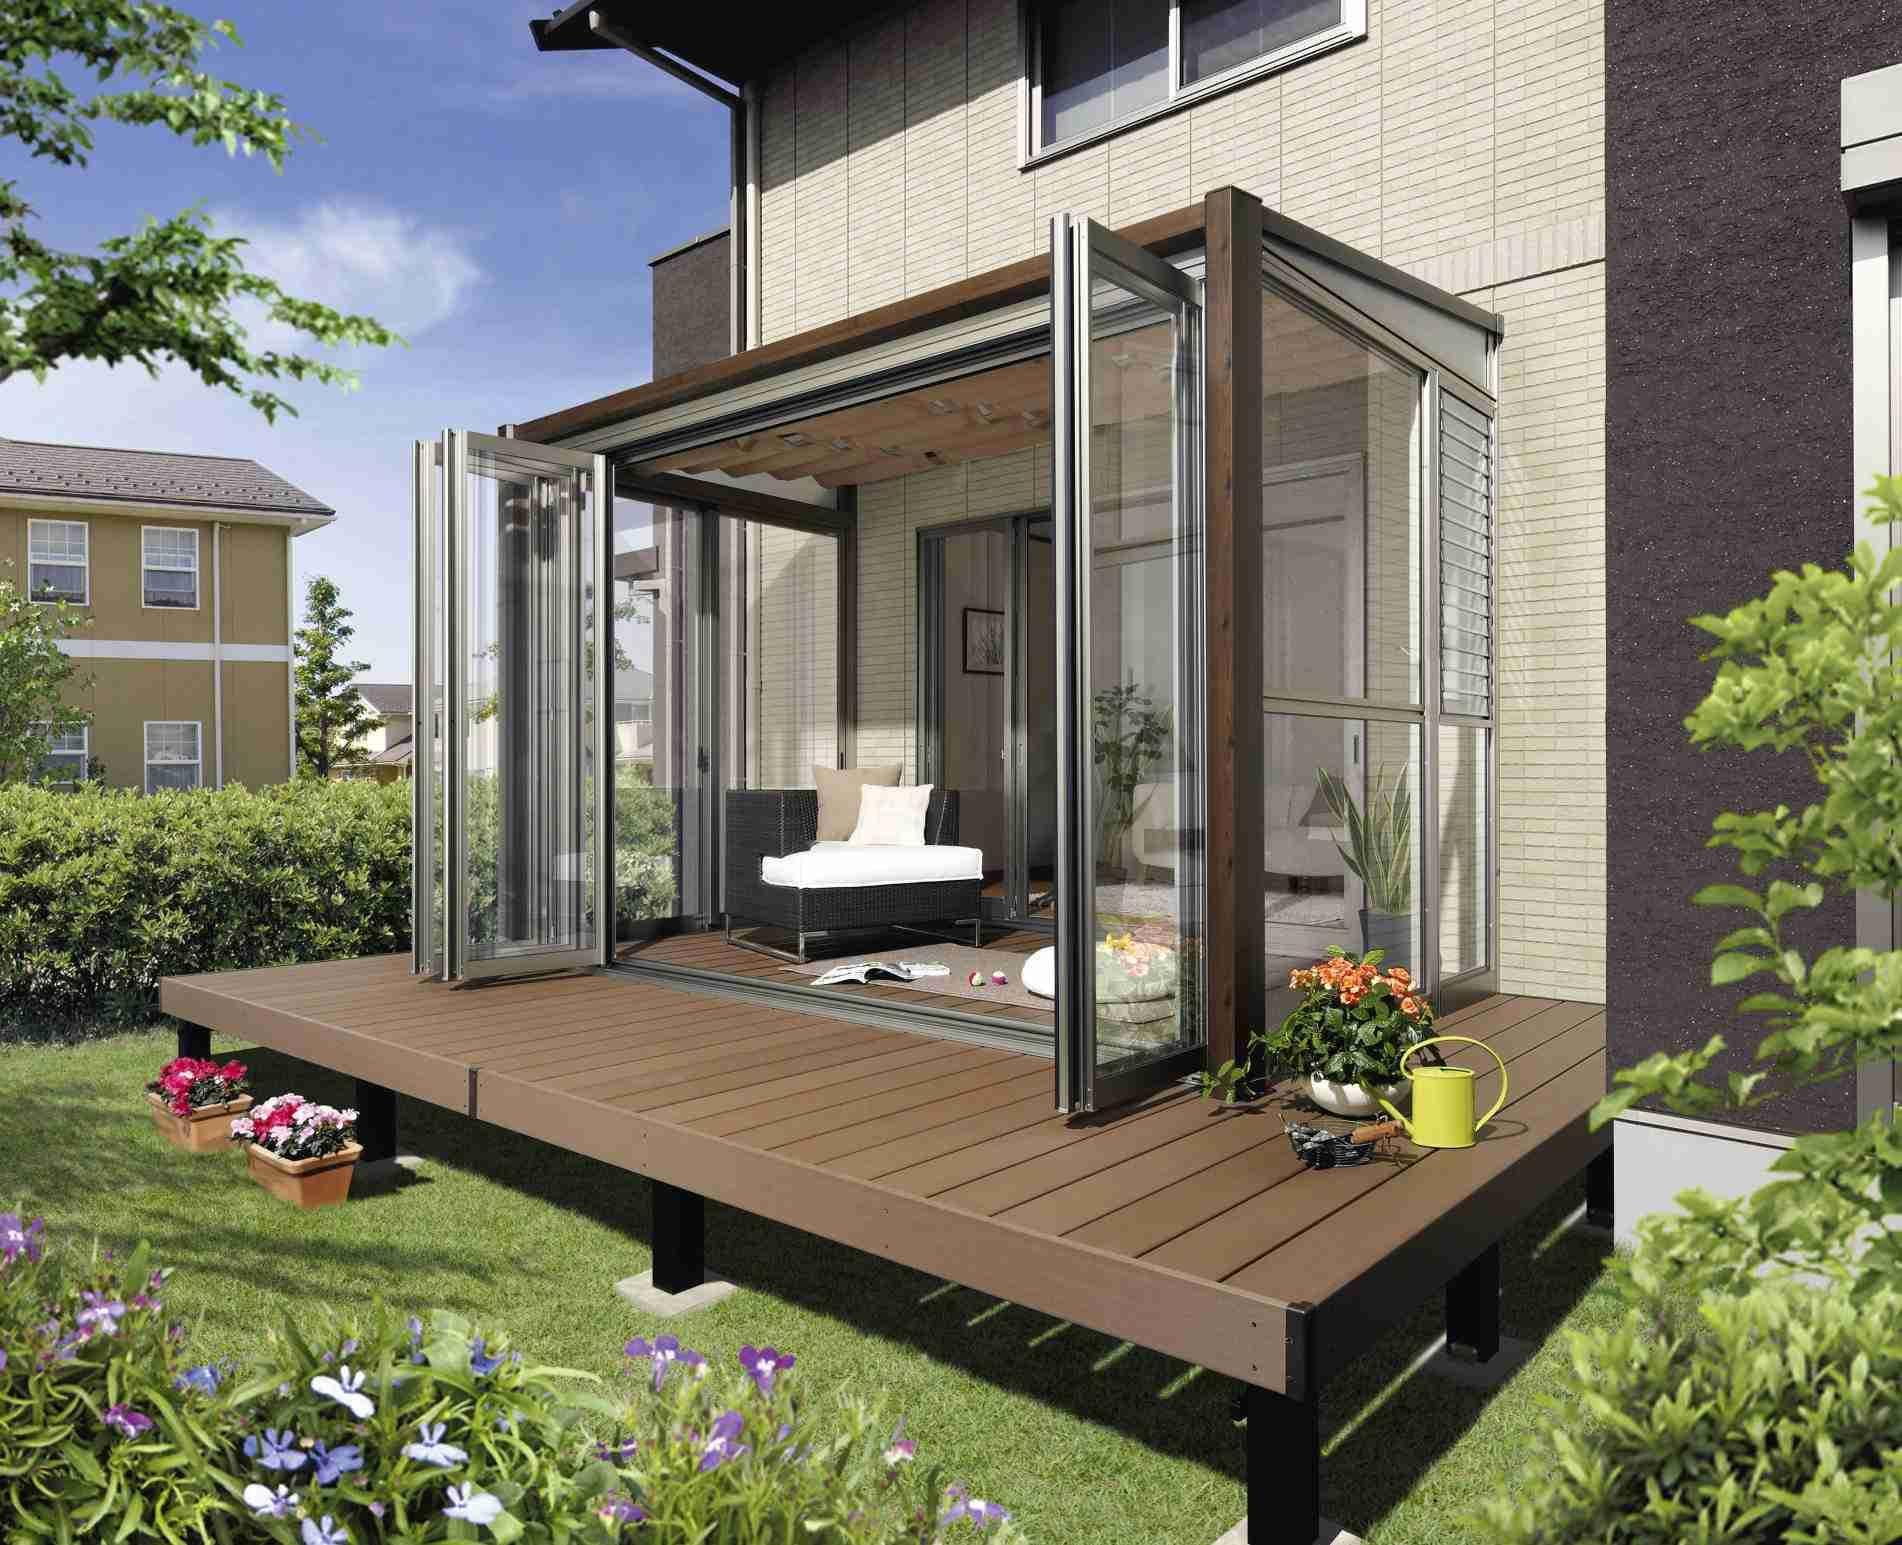 新築 室内物干し場を作った方 パティオデザイン 裏庭のパティオのデザイン 屋外リビングスペース